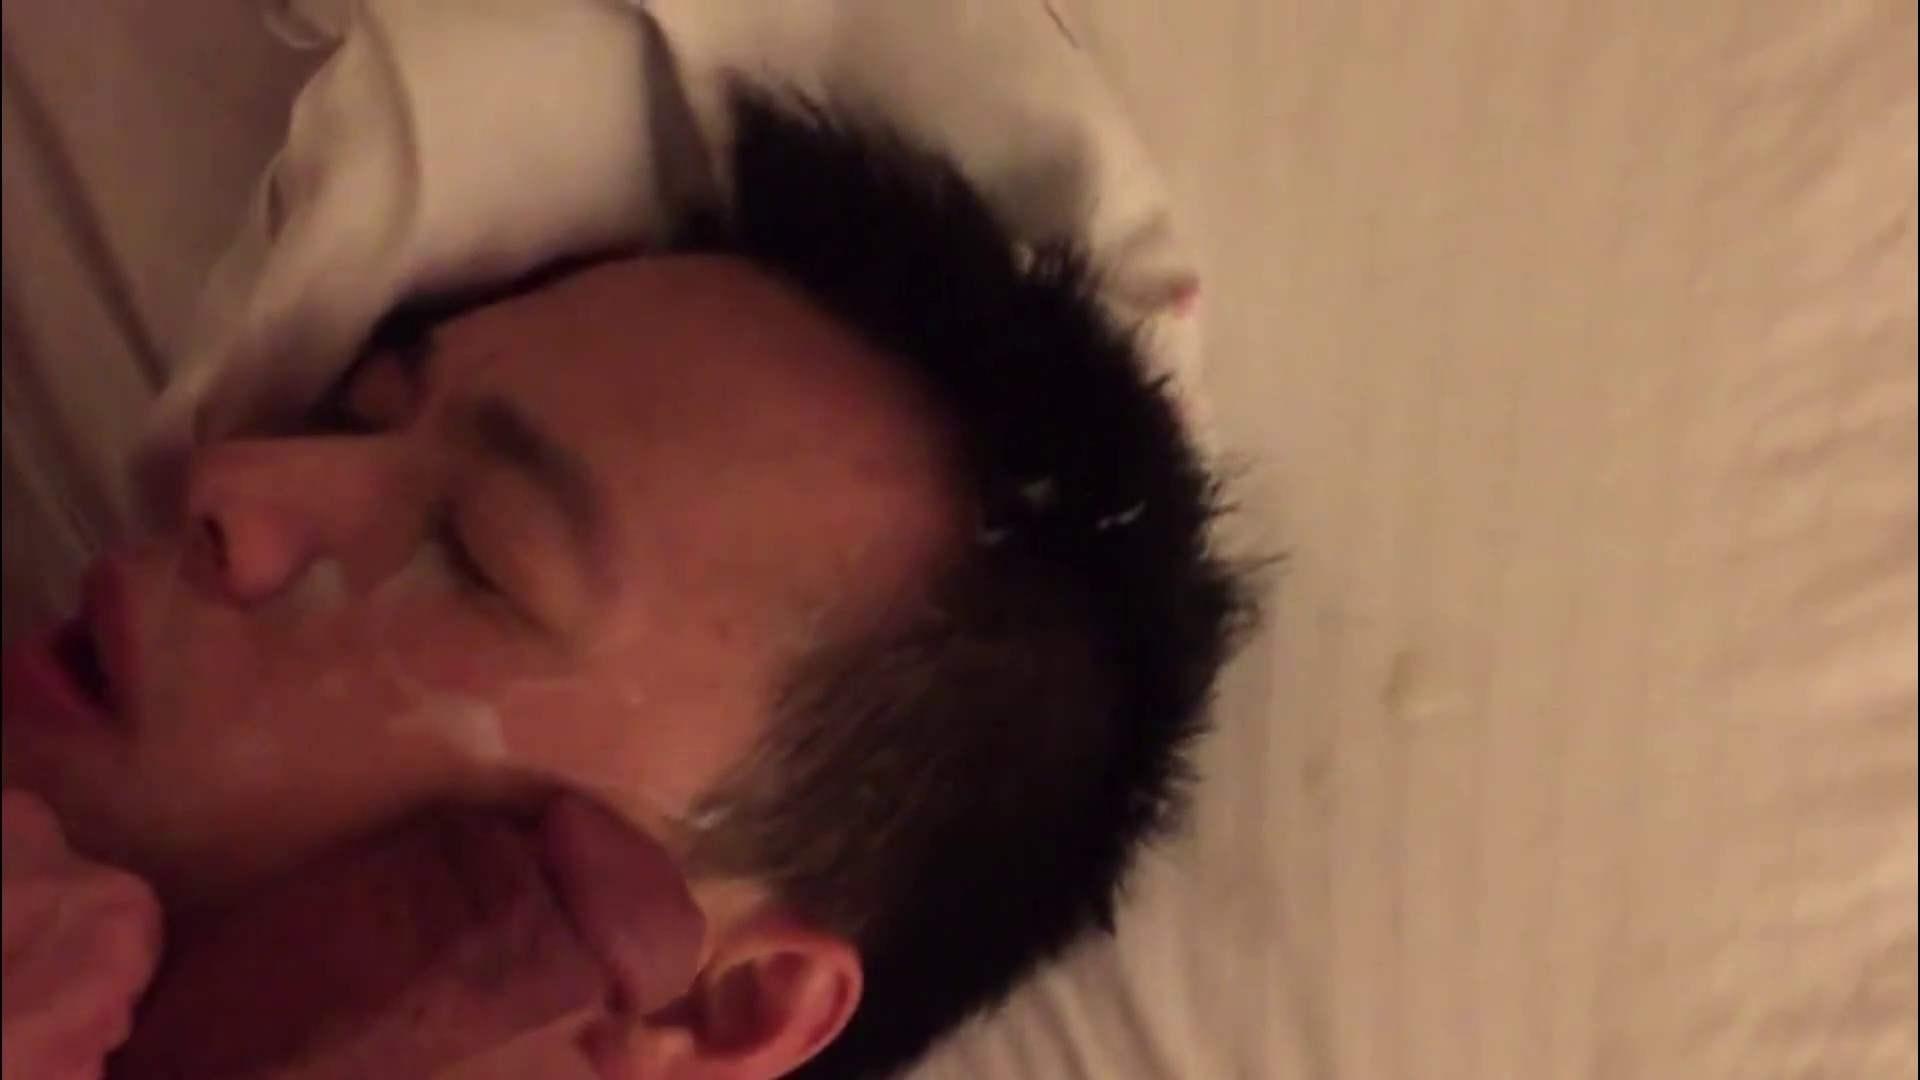 エロいフェラシーンをピックアップvol43 エロ特集 ゲイアダルトビデオ画像 108pic 99